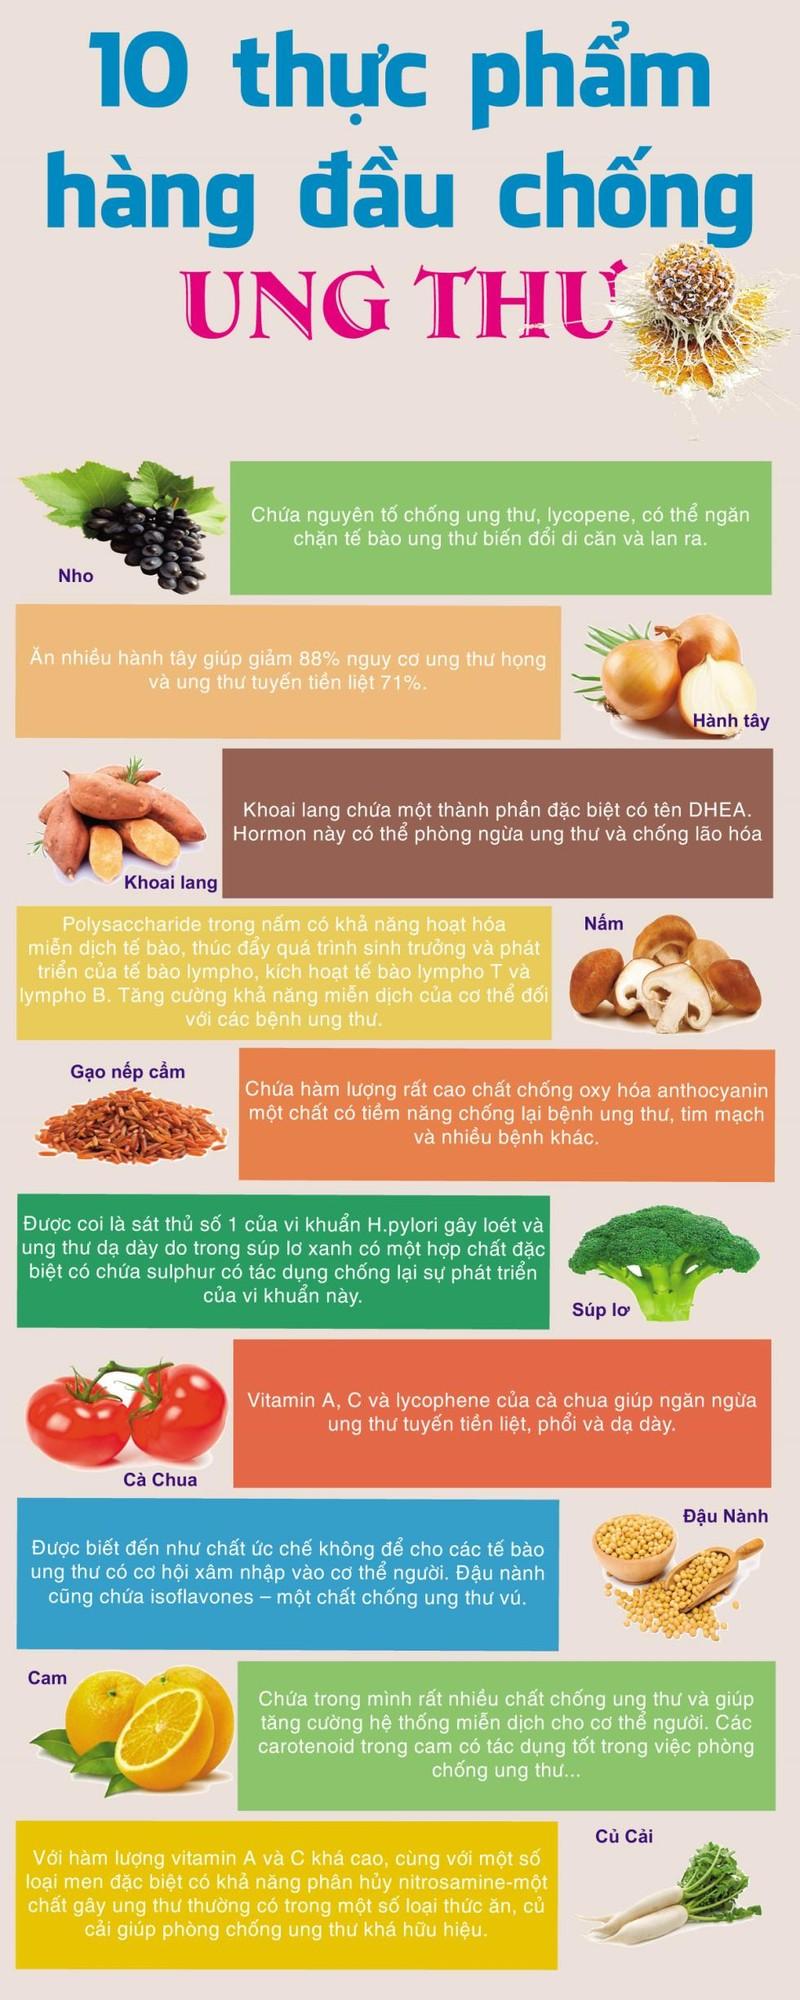 10 thực phẩm hàng đầu chống ung thư - ảnh 1